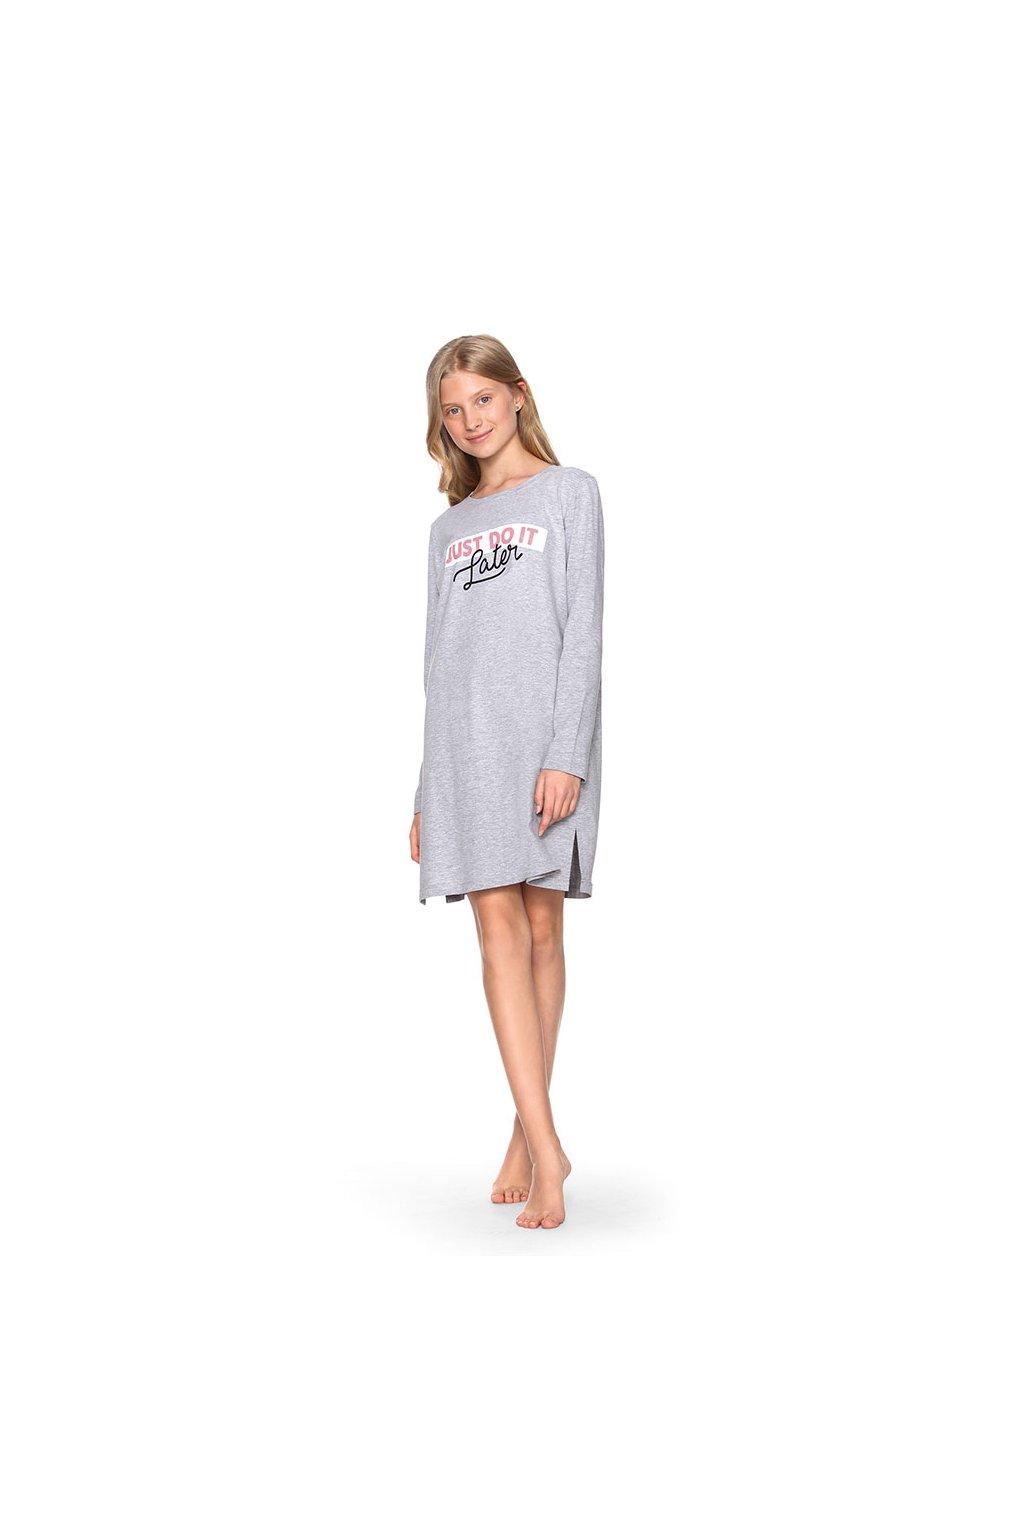 Dívčí noční košile YOUNG FASHION, 70478 30, šedá